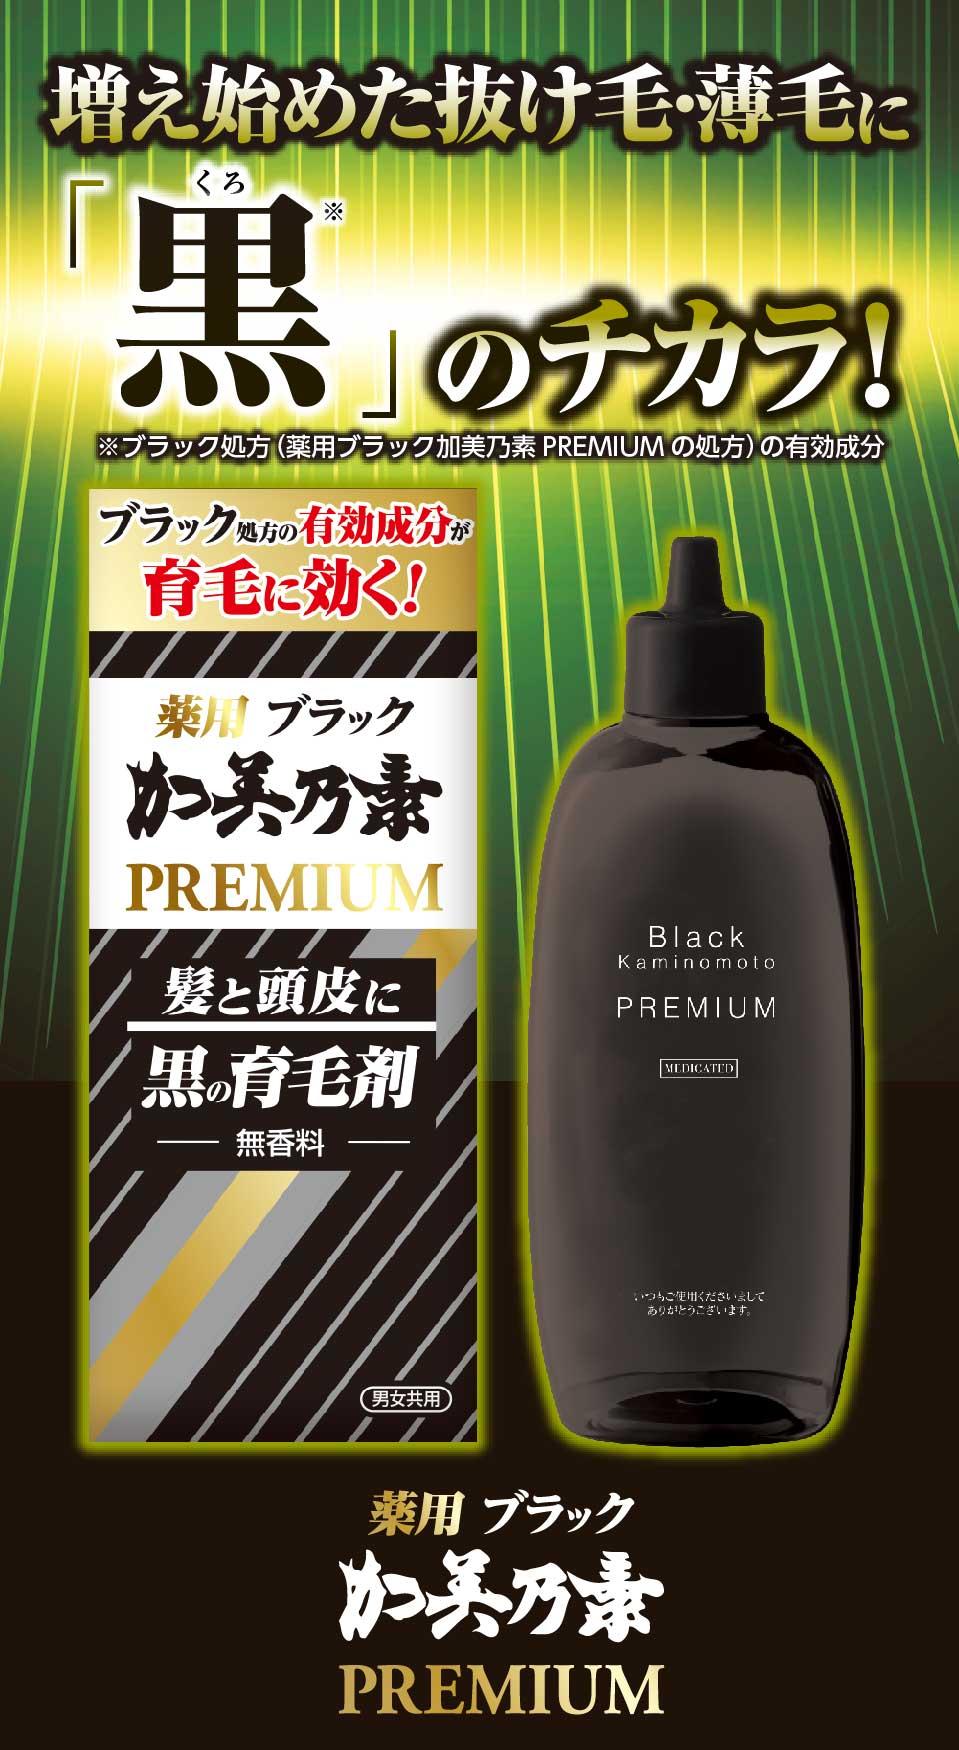 ブラック加美乃素PREMIUM